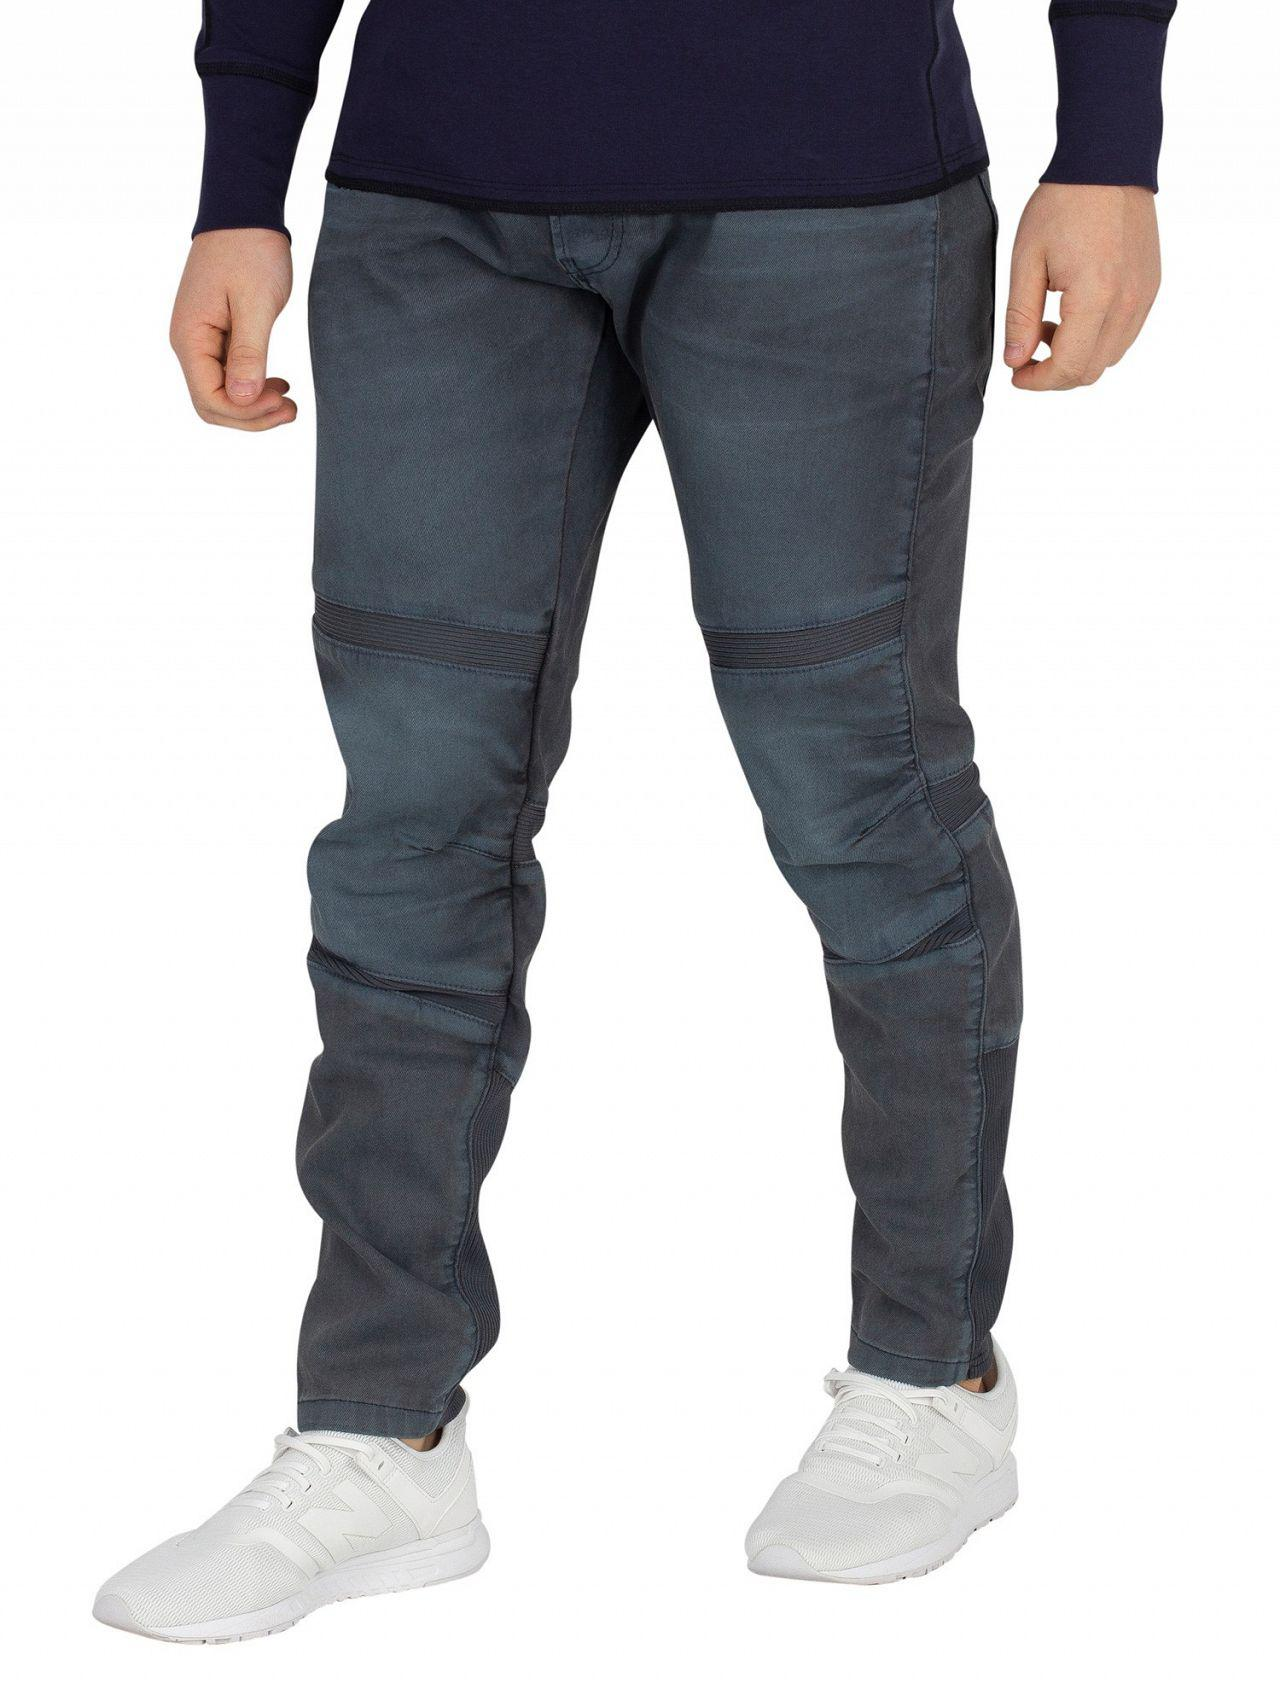 a81d9f19b0d G-Star RAW - Blue Dark Aged Motac 3d Slim Jeans for Men - Lyst. View  fullscreen